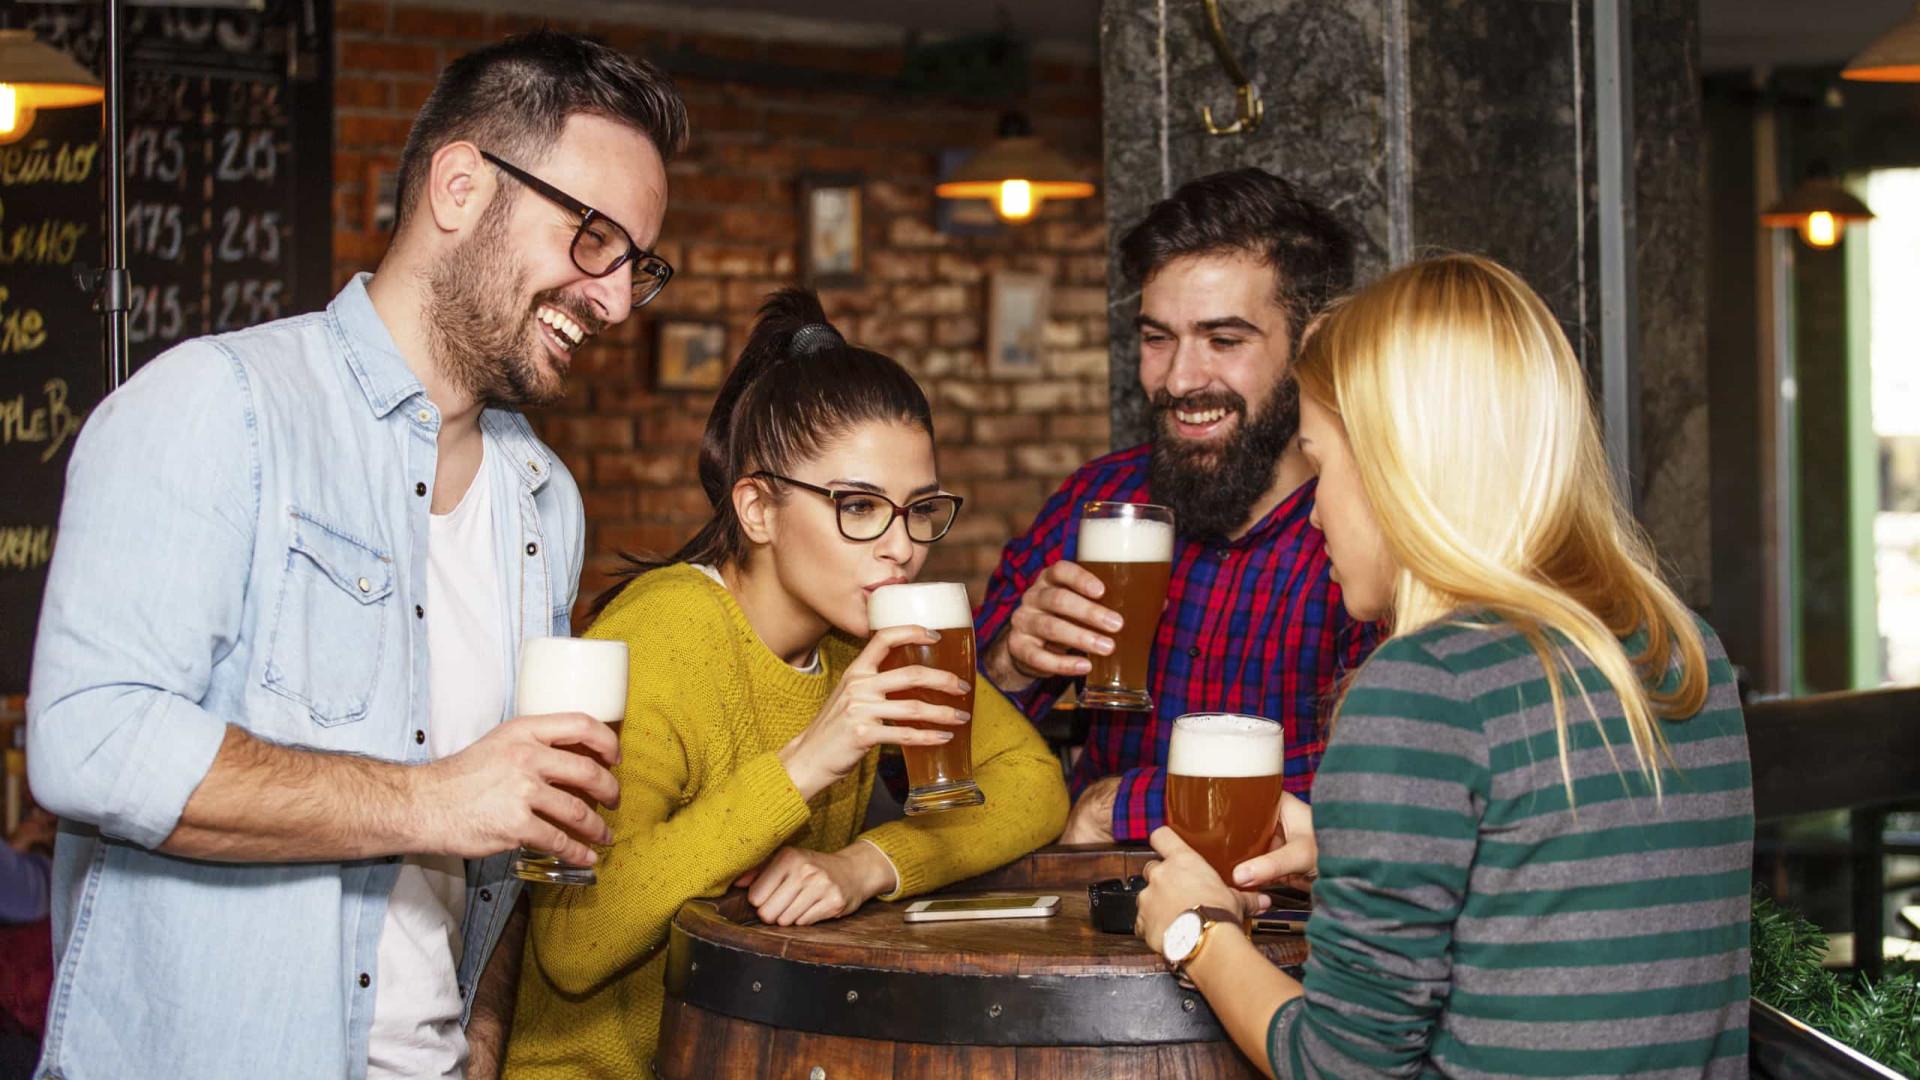 Beber cerveja uma vez por dia faz bem ao intestino, diz estudo